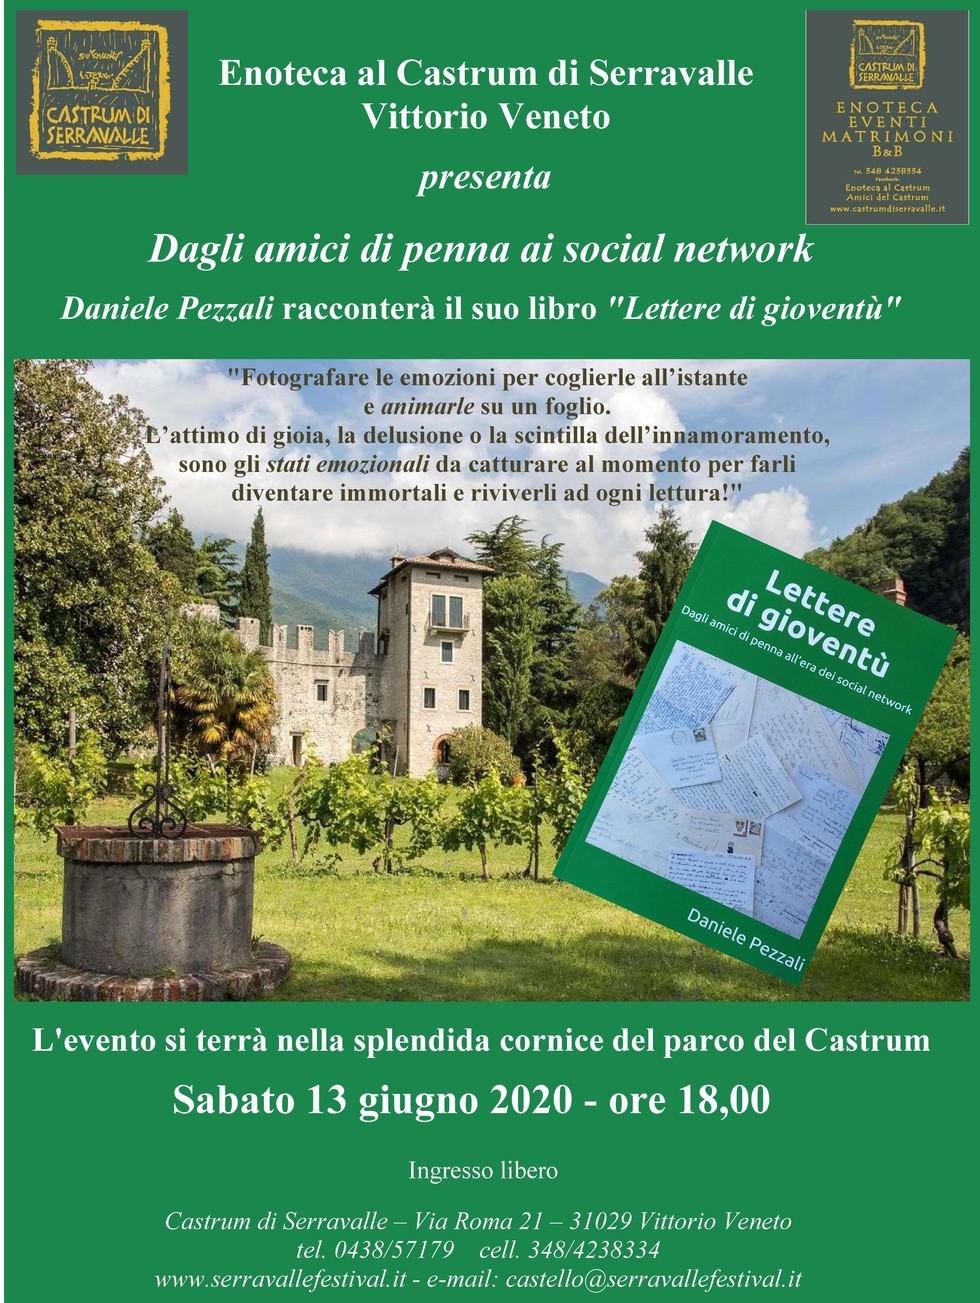 Locandina evento Castrum .jpg